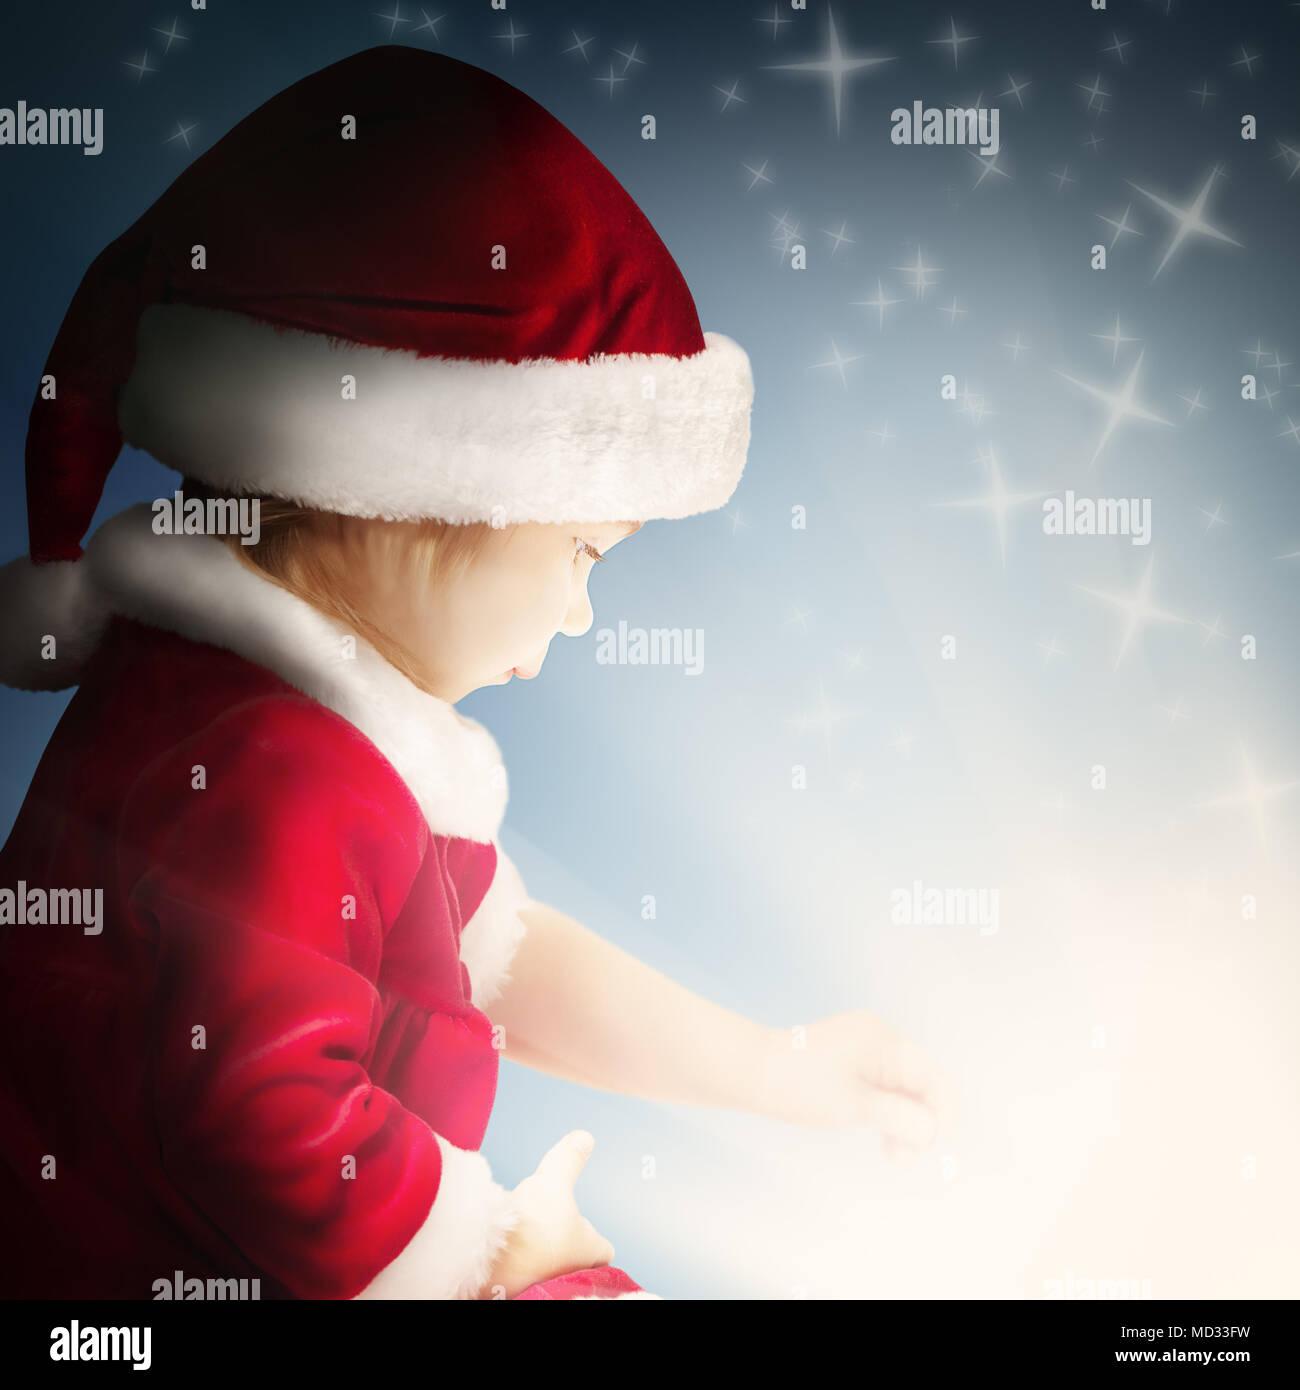 Natale bambino regalo aperto sullo sfondo con Sparkle e Glitter